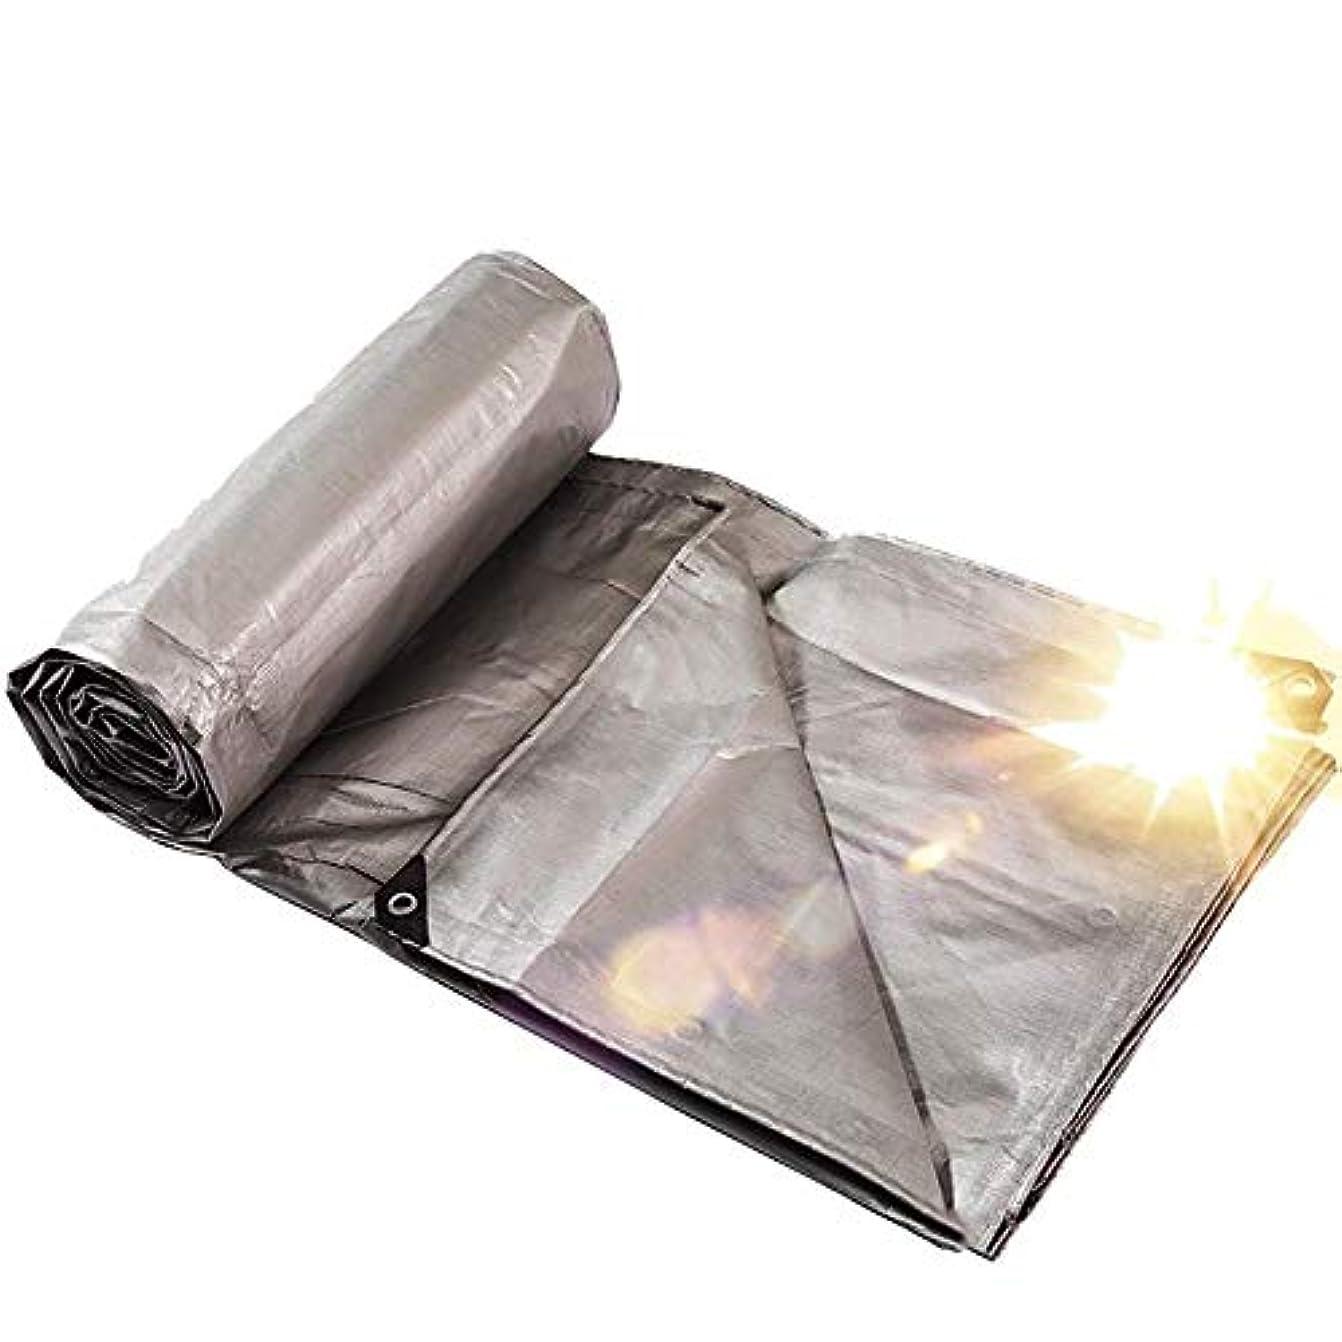 ウェブ混乱させる表面12J-weihuiwangluo 屋外のテント屋外の庭の頑丈な防水防水シートの多機能のポリエチレンの防水シートの防水シート (Color : Thickening, サイズ : 6×8m)